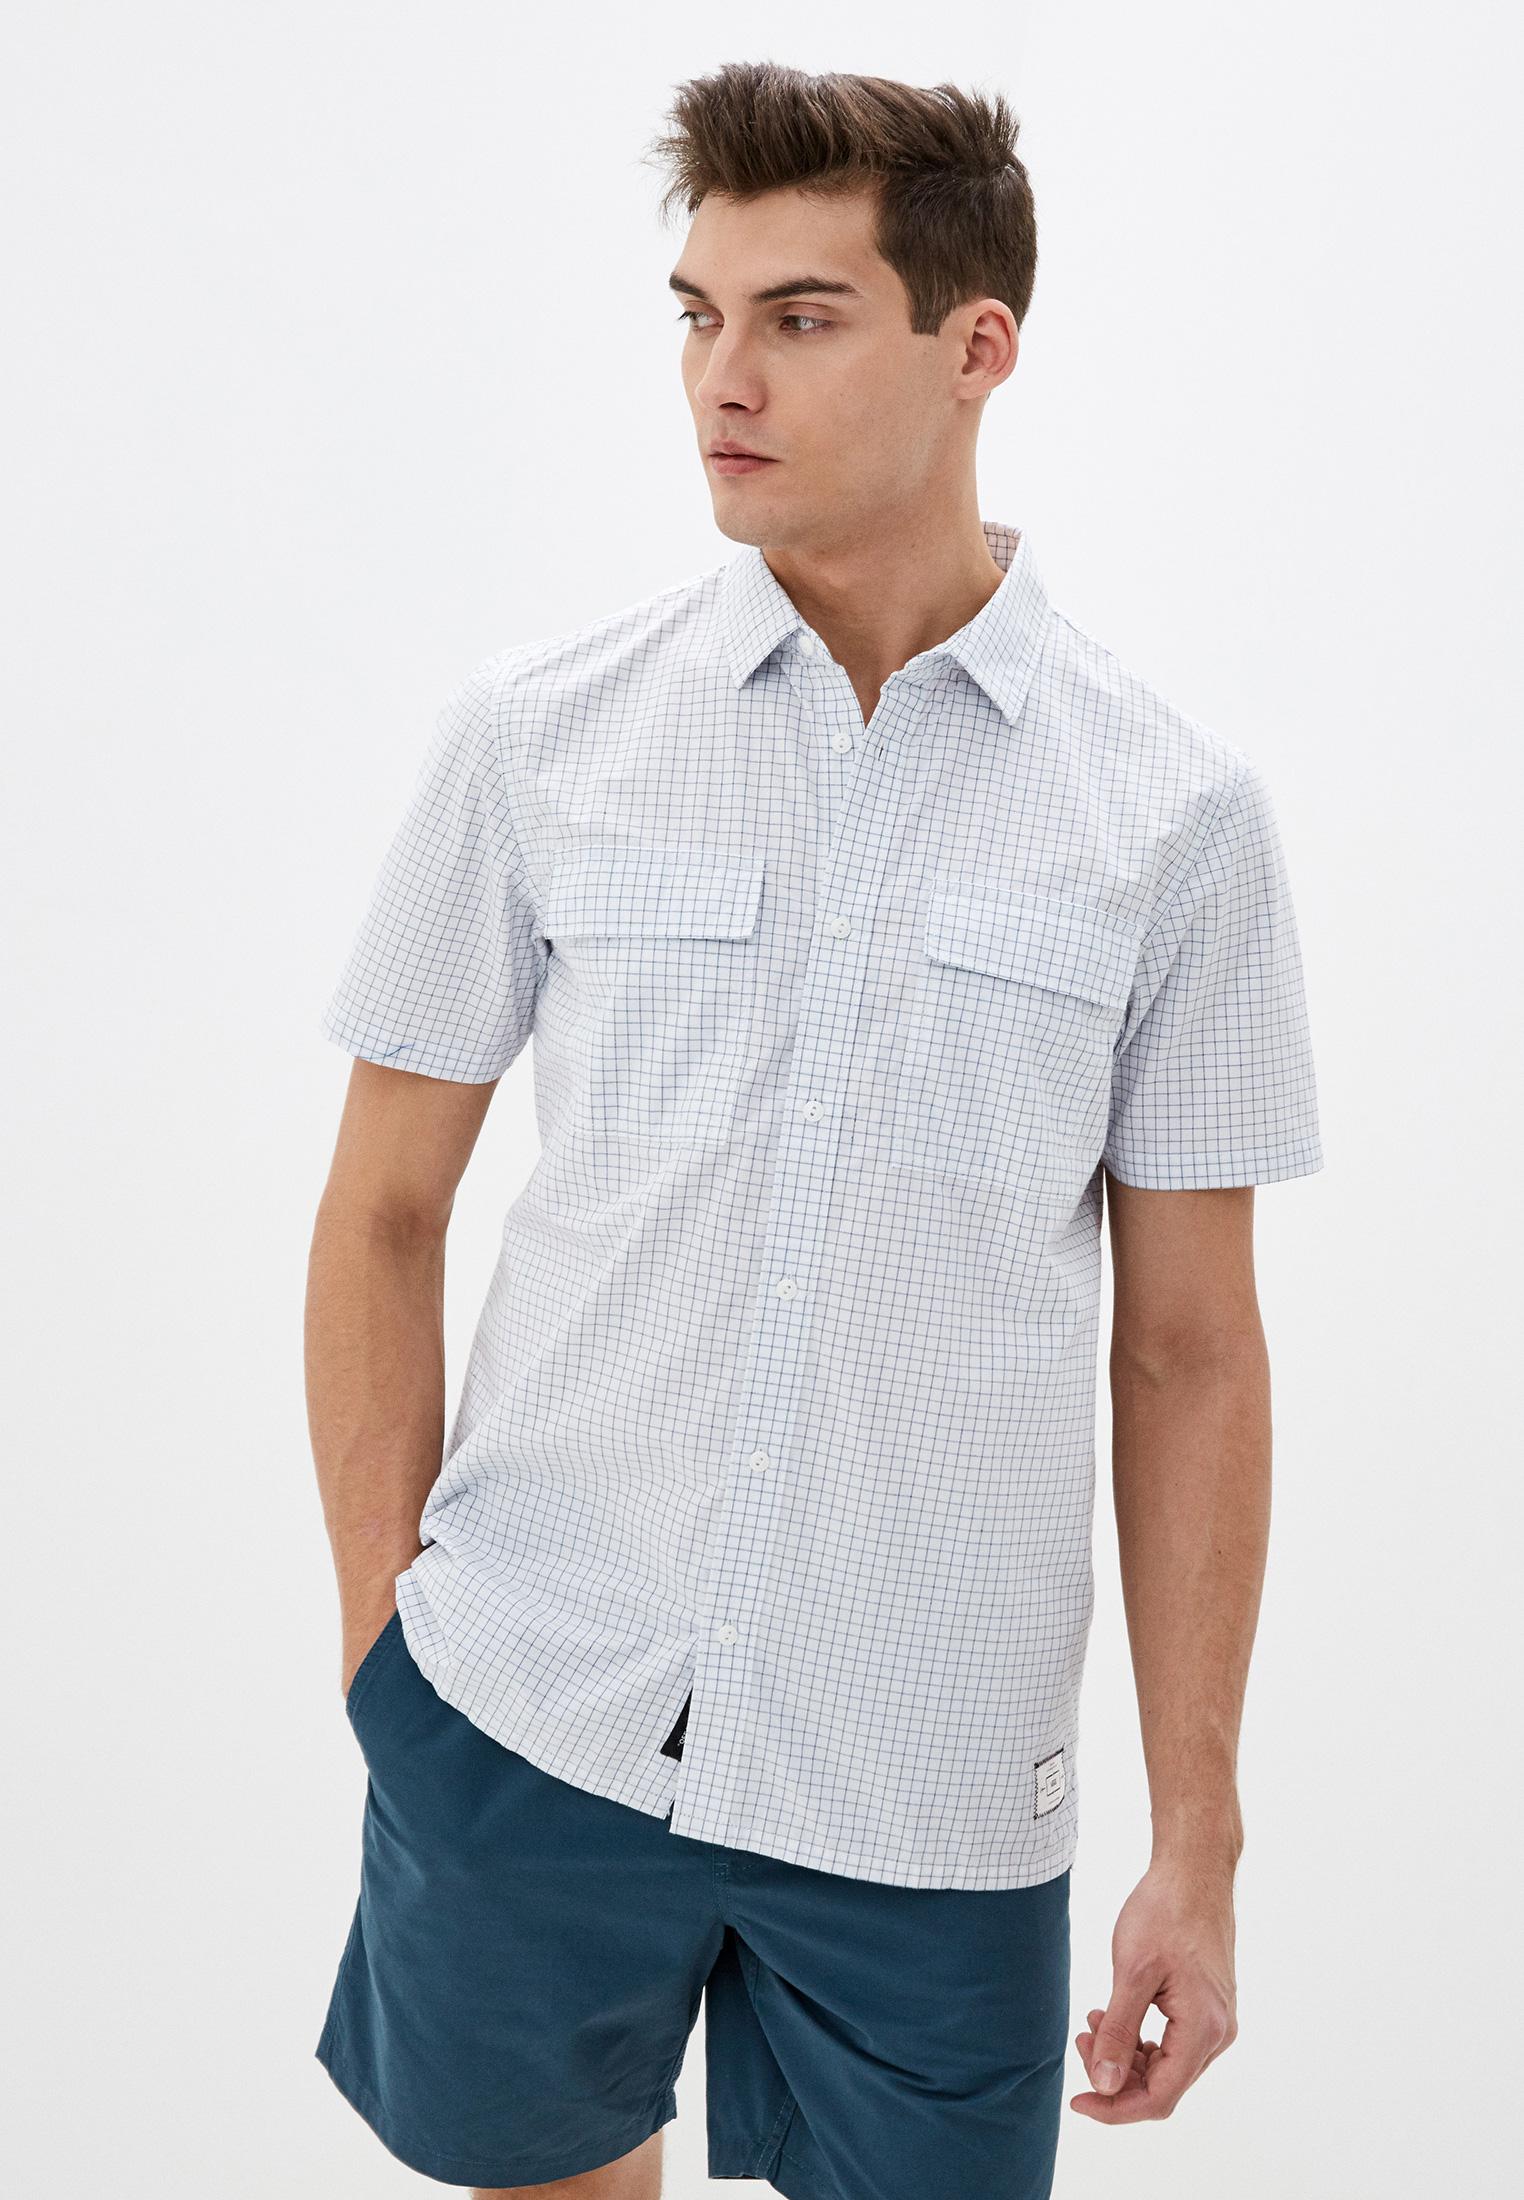 Рубашка VANS VA49RDWHT